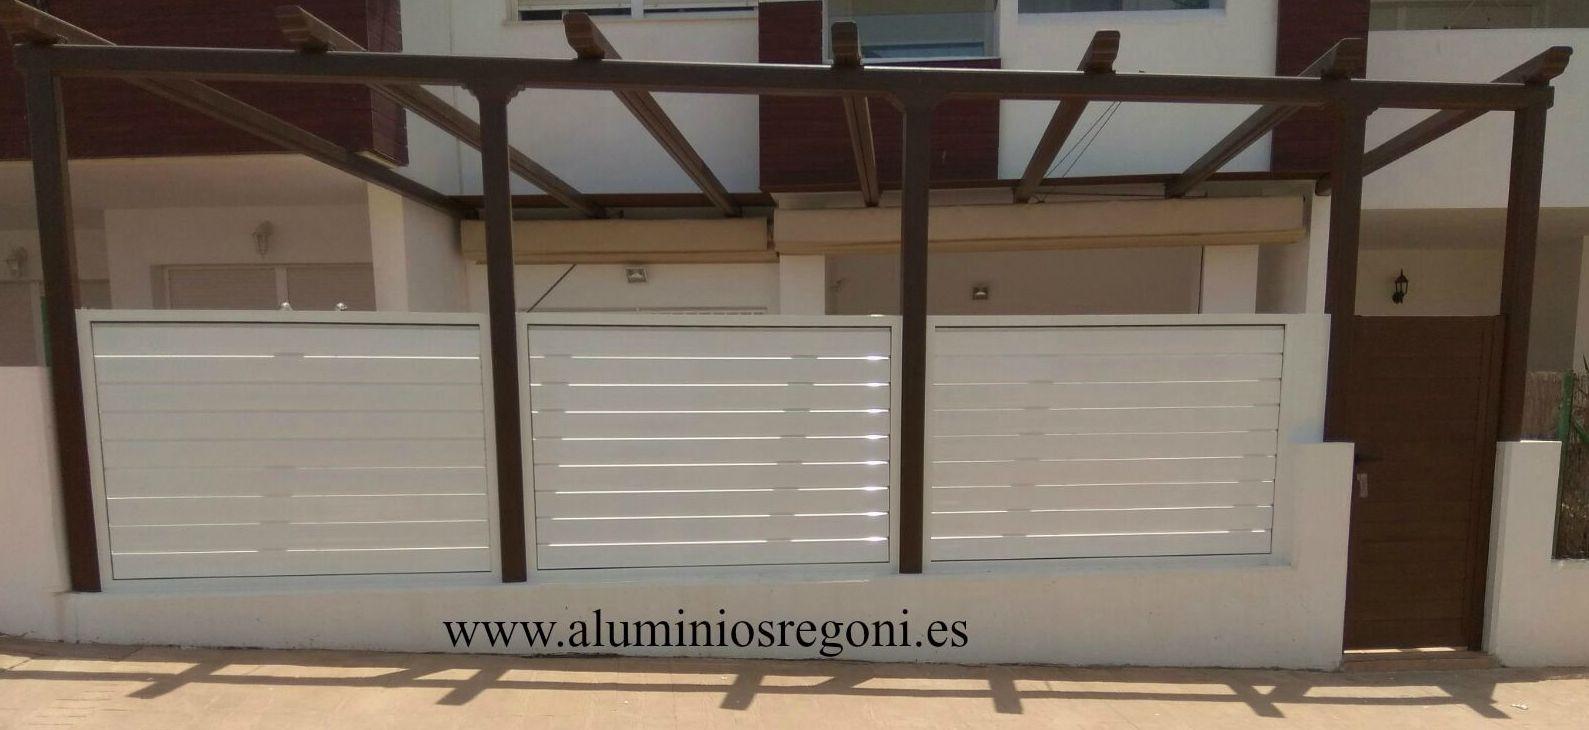 Celosia regulable de aluminio lacado blanco con puerta de aluminio imitación madera. Colocada entre pilares de toldo